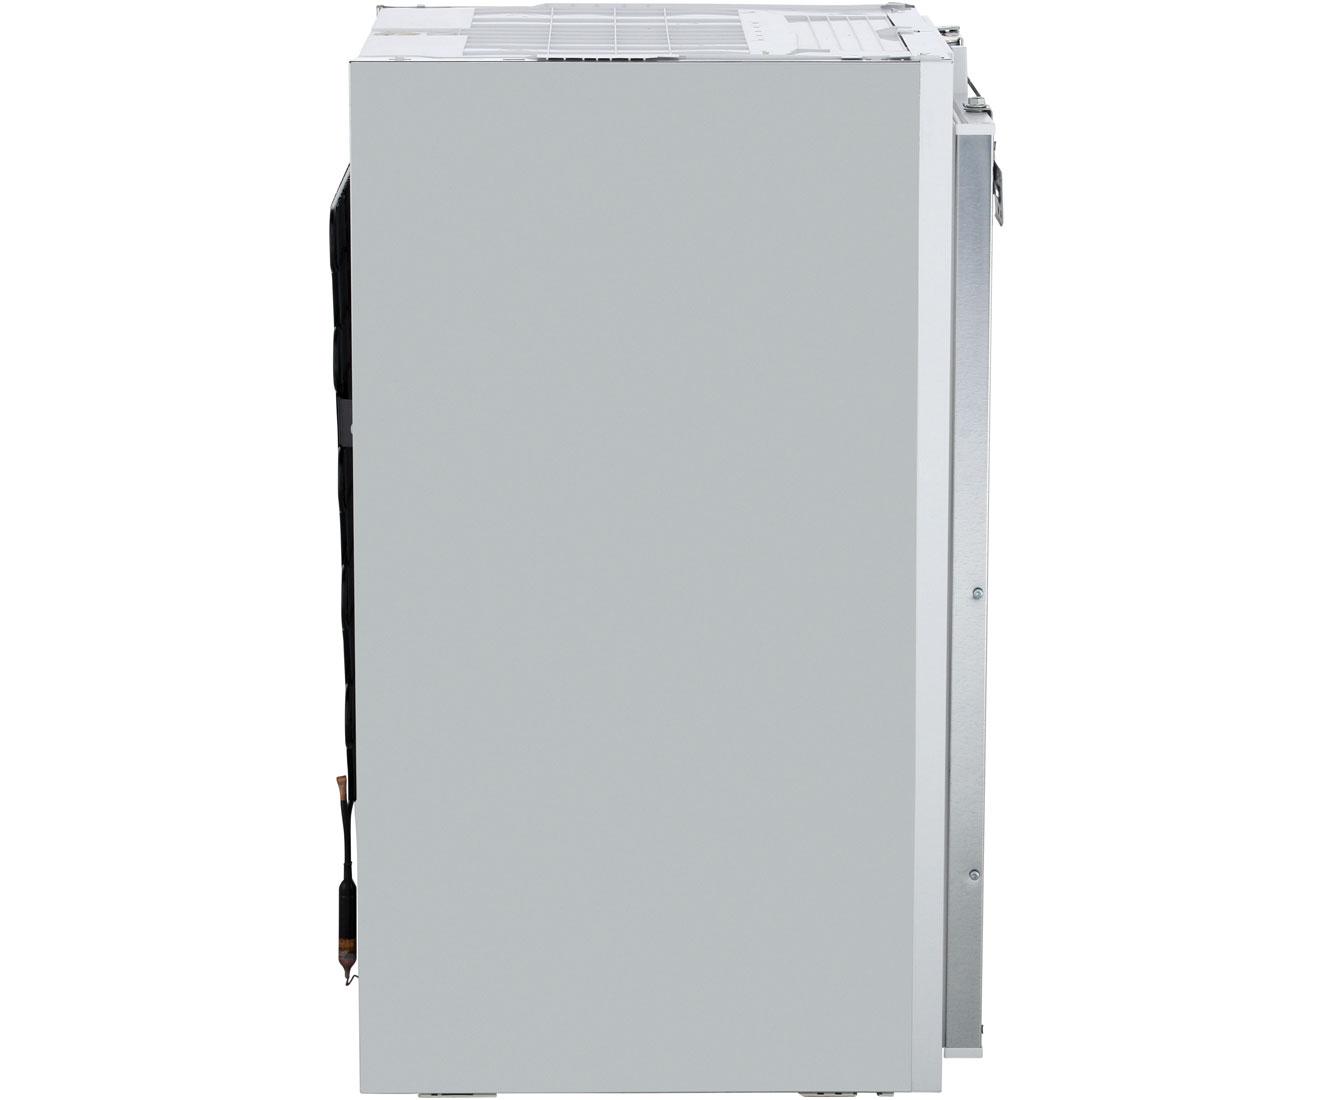 Siemens Kühlschrank Groß : Kühlschrank ohne gefrierfach freistehend günstig freistehender